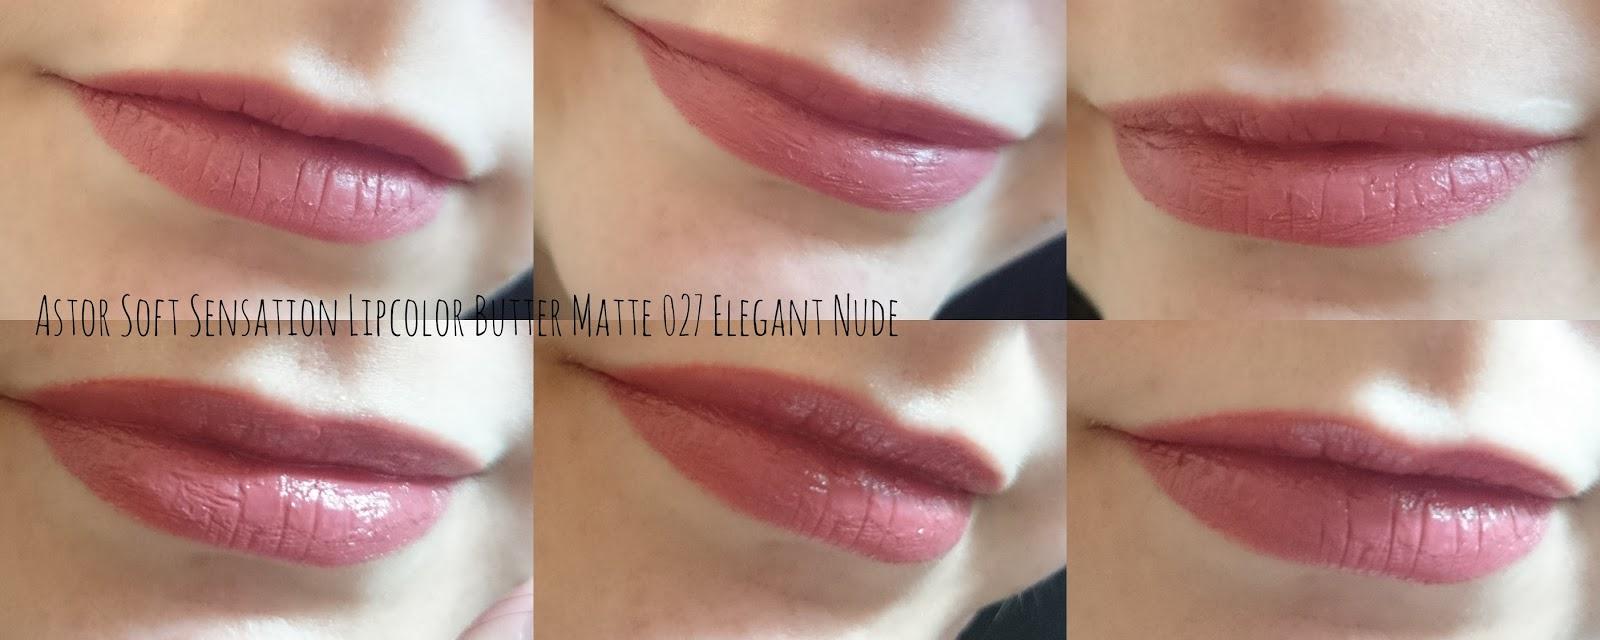 Astor Soft Sensation Lipcolor Butter Matte 027 Elegant Nude